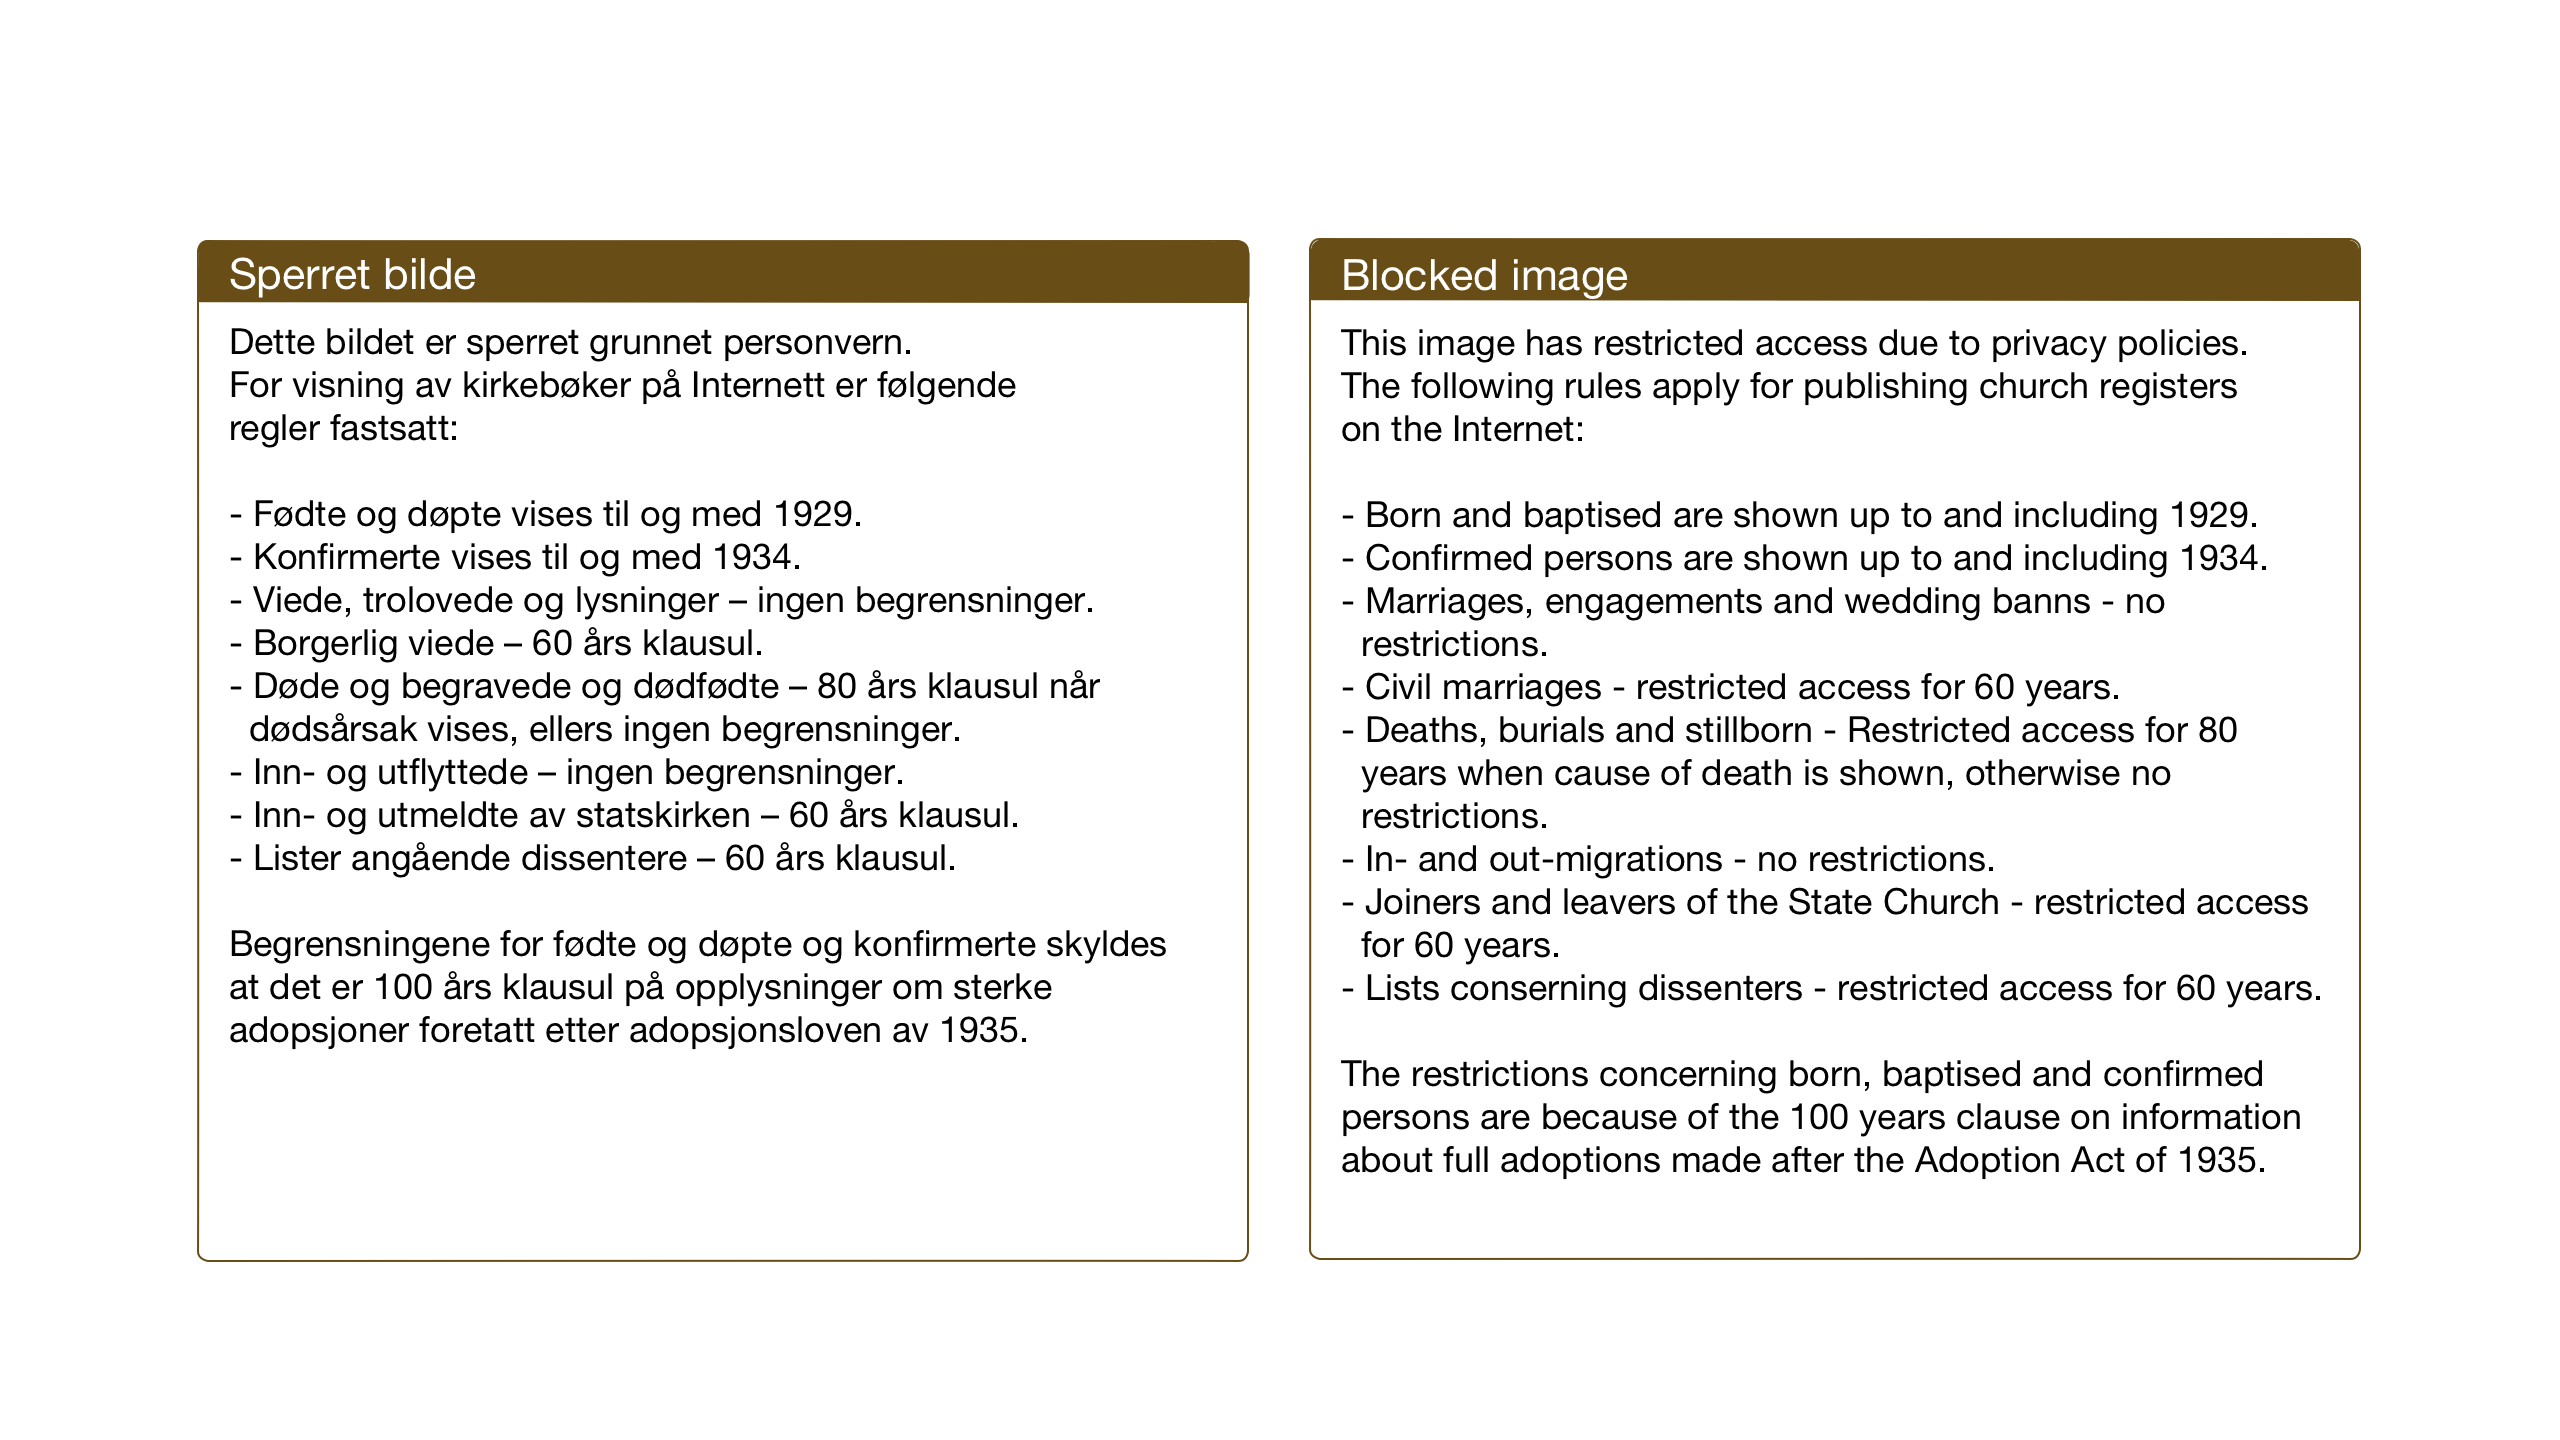 SAT, Ministerialprotokoller, klokkerbøker og fødselsregistre - Nord-Trøndelag, 744/L0425: Klokkerbok nr. 744C04, 1924-1947, s. 141